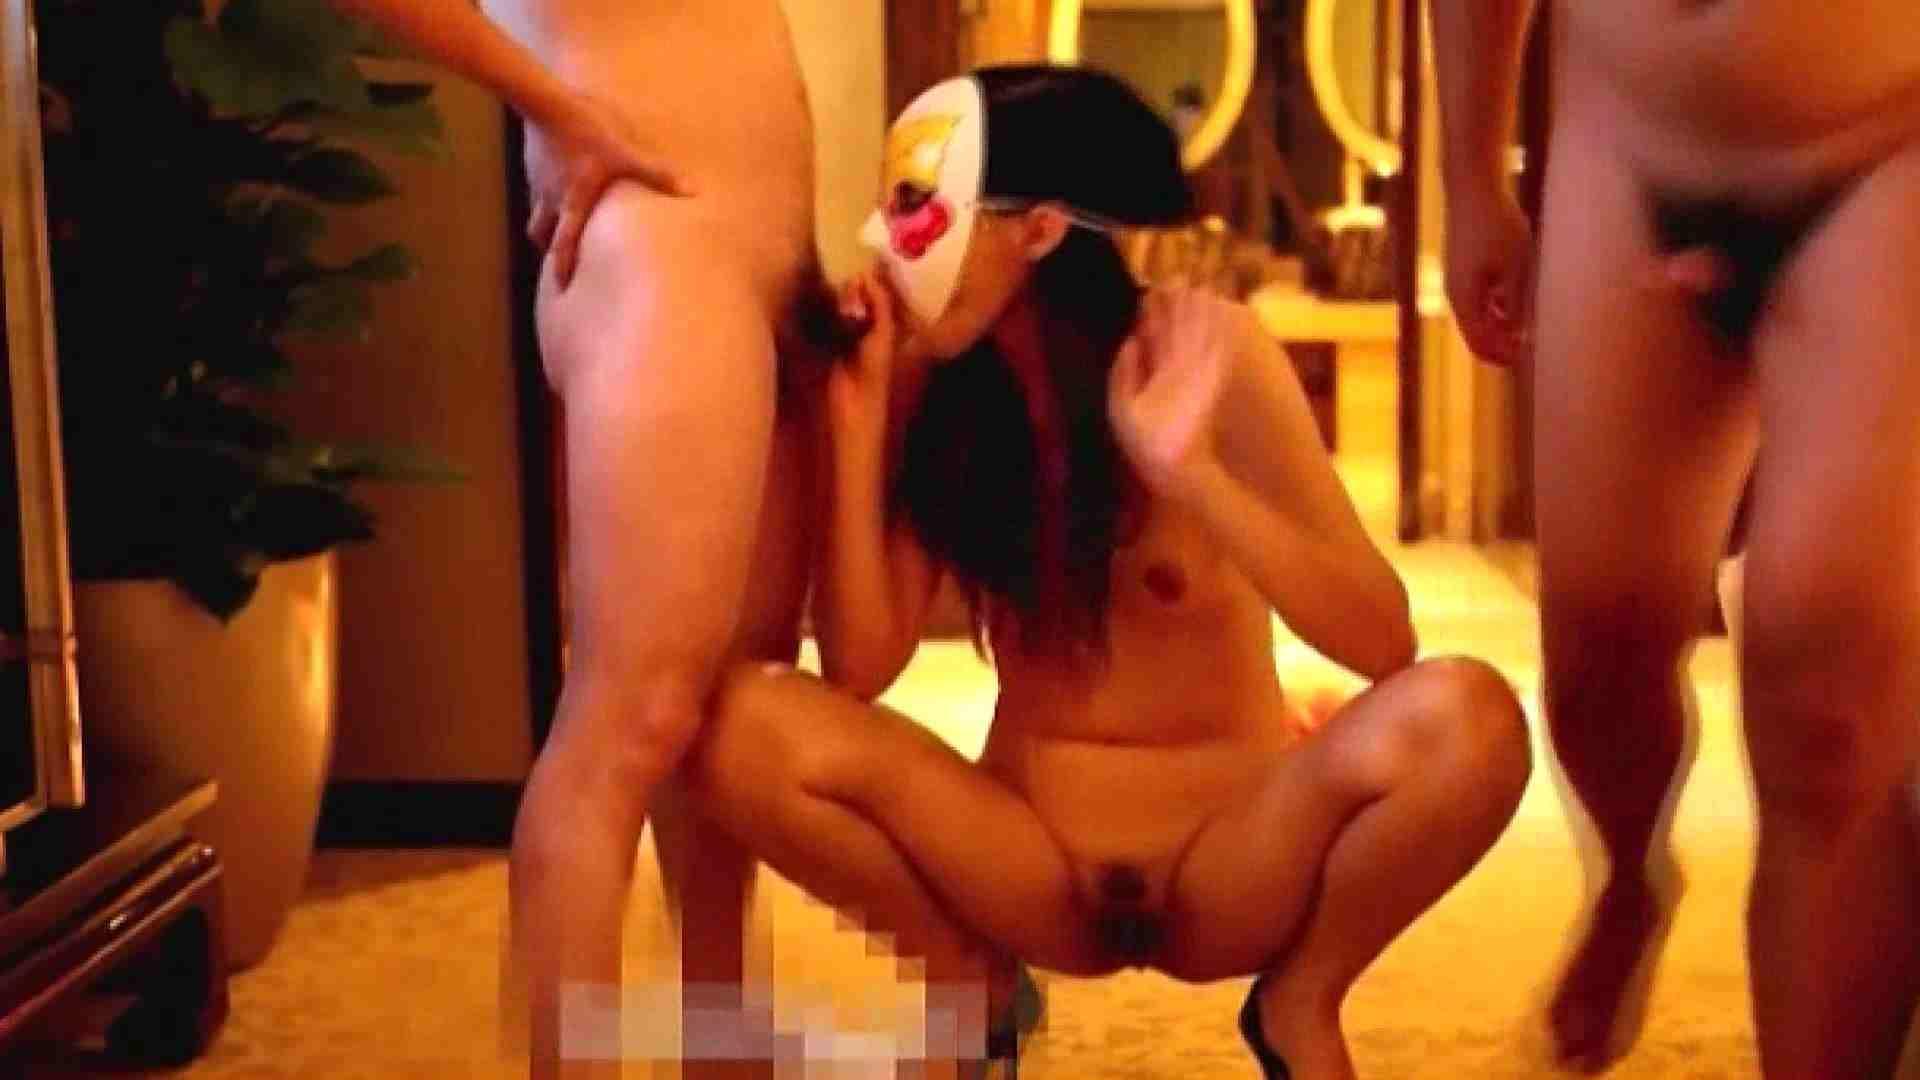 アッと驚くハメ五郎 Vol.28 OL裸体   流出作品  72画像 65